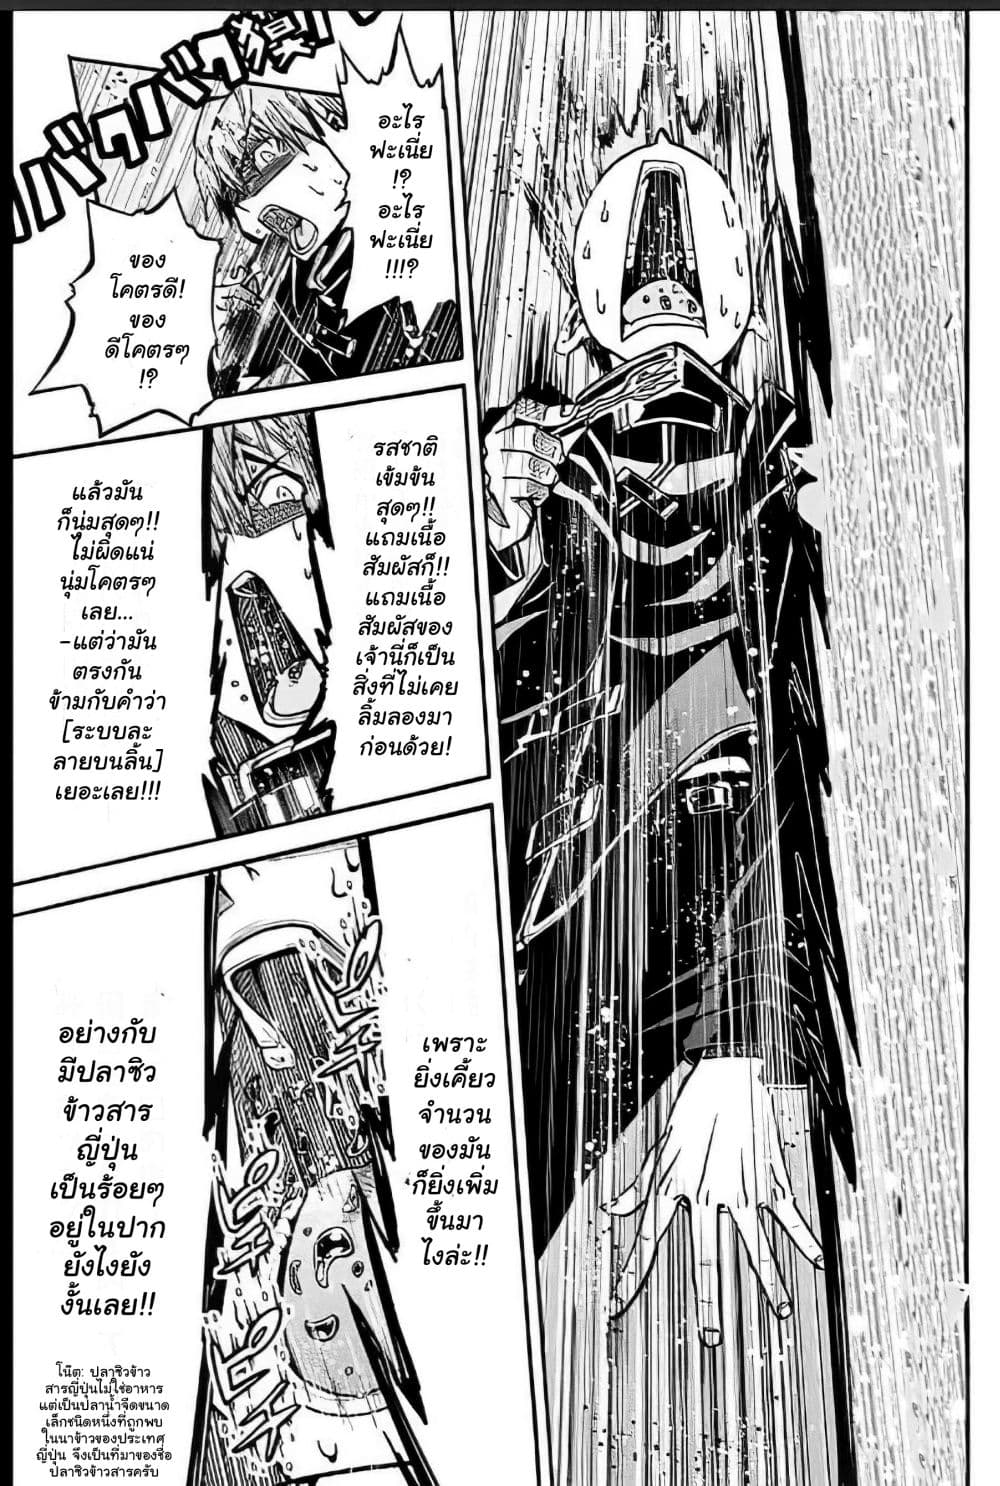 อ่านการ์ตูน Wazawaitsu Wanashi no Yuusha kari ตอนที่ 3 หน้าที่ 43